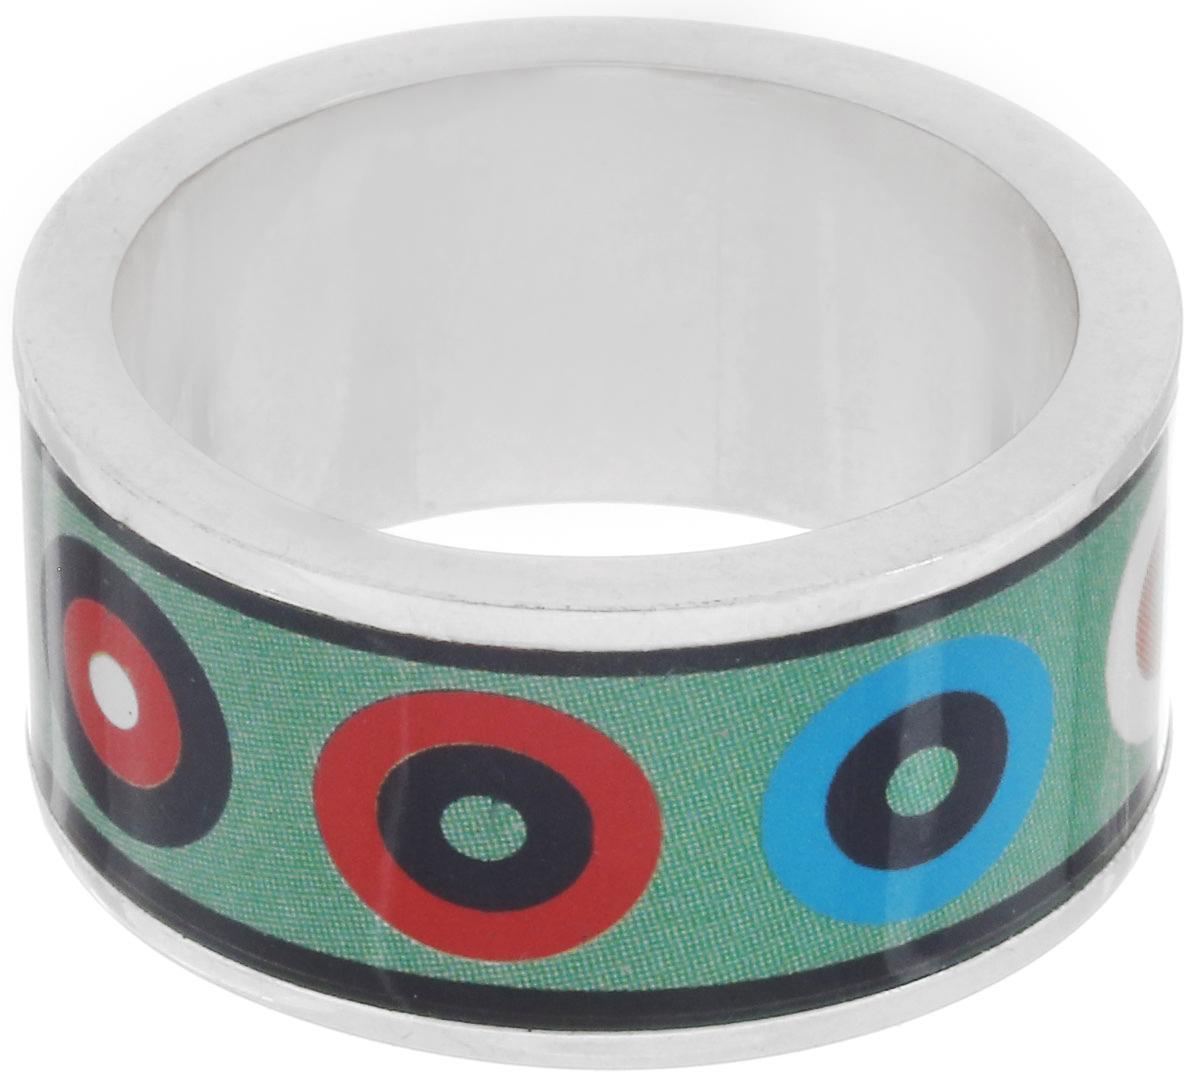 Кольцо Art-Silver, цвет: серебристый, зеленый, мультиколор. ФК102-320. Размер 16,5ФК102-320Великолепное кольцо Art-Silver изготовлено из бижутерного сплава. Изделие с покрытием из эмали оформлено оригинальным геометрическим принтом. Стильное кольцо придаст вашему образу изюминку и подчеркнет индивидуальность.